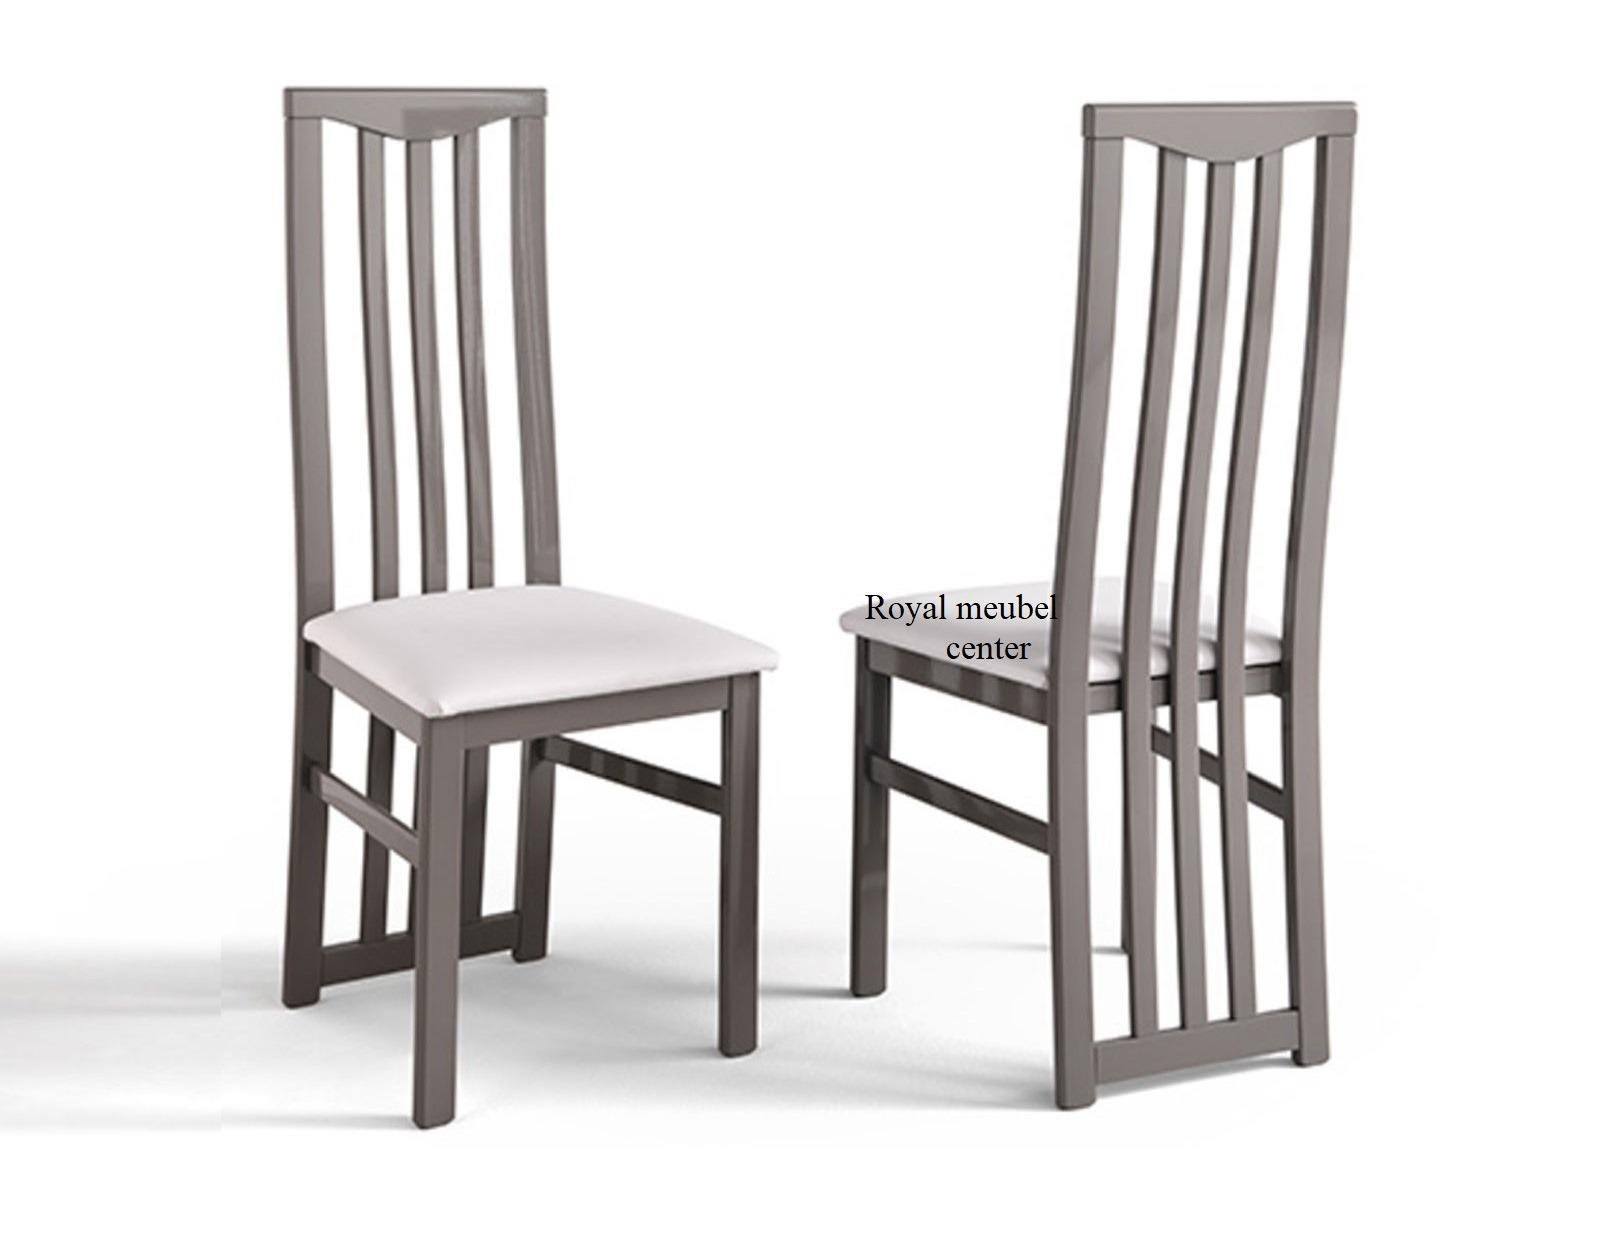 Witte Eetkamer Stoel : Eetkamerstoel italy hoogglans taupe grijs eetkamer stoelen royal